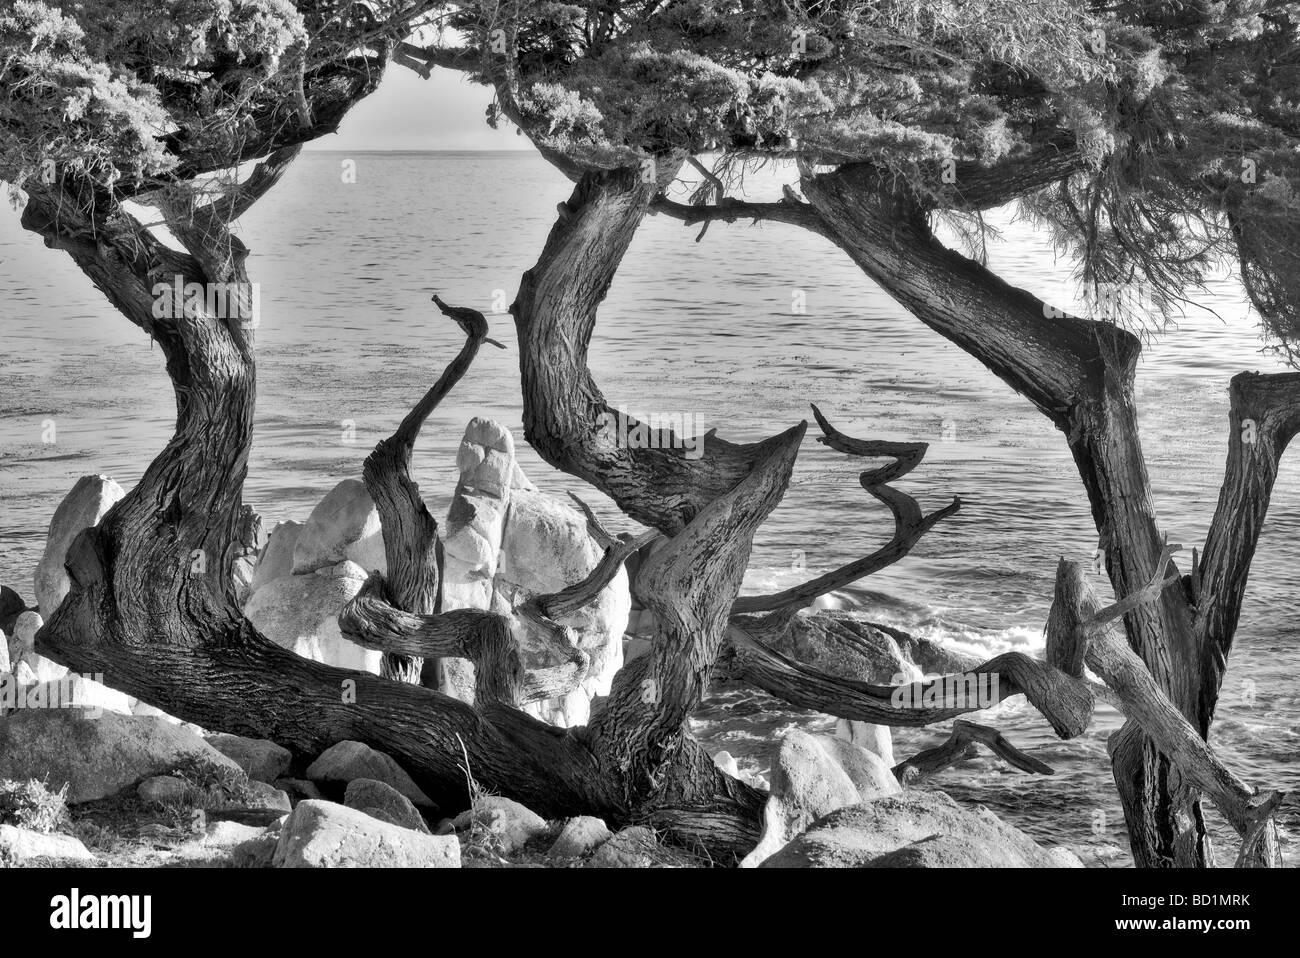 Monterey cipressi e ocean 17 Mile Drive Pebble Beach in California Immagini Stock